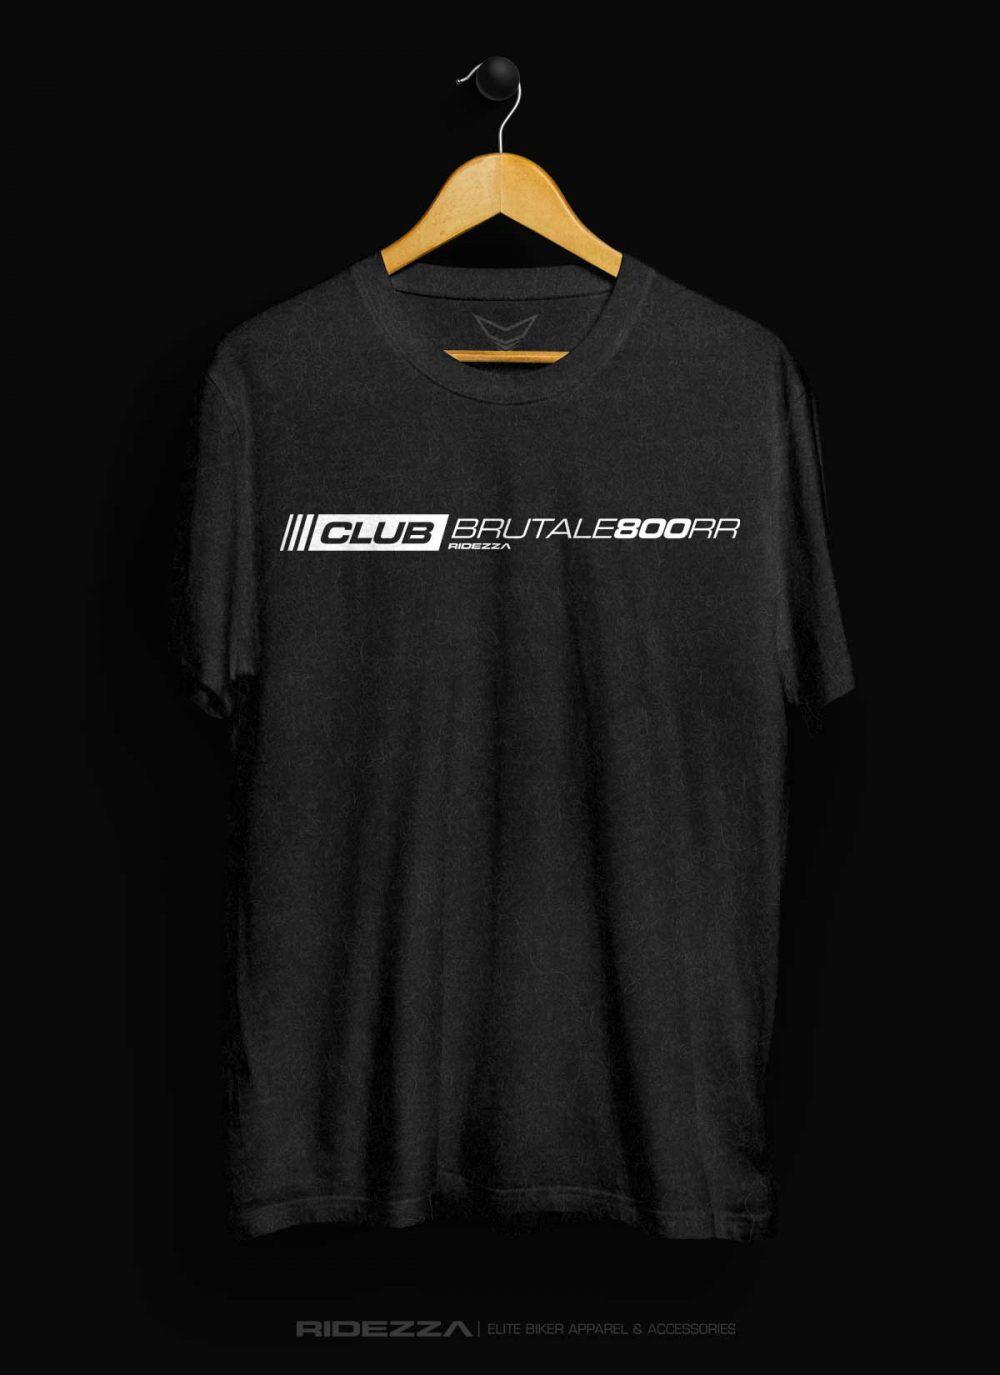 MV Agusta Brutale 800RR Club T-Shirt